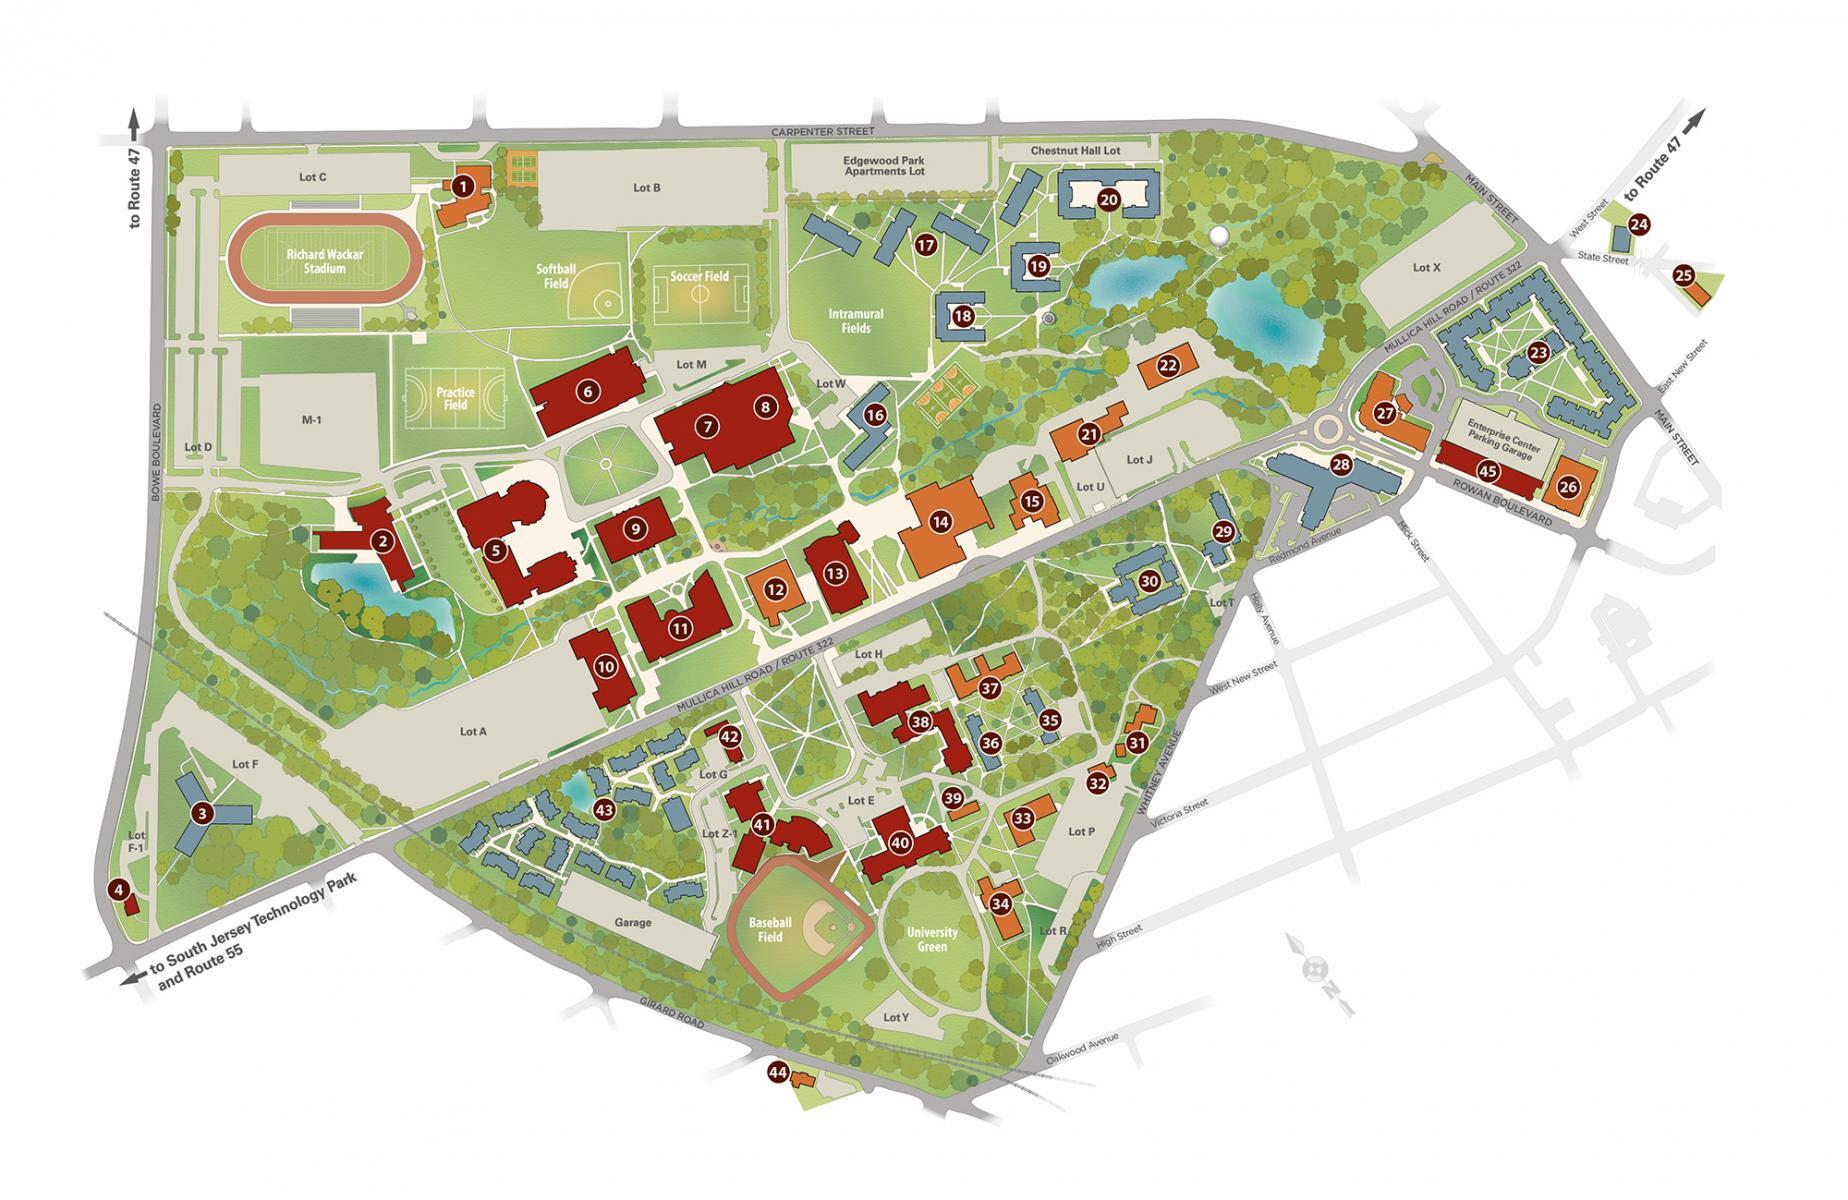 map of rowan university campus Rowan University Volleyball Camps Camp Location map of rowan university campus